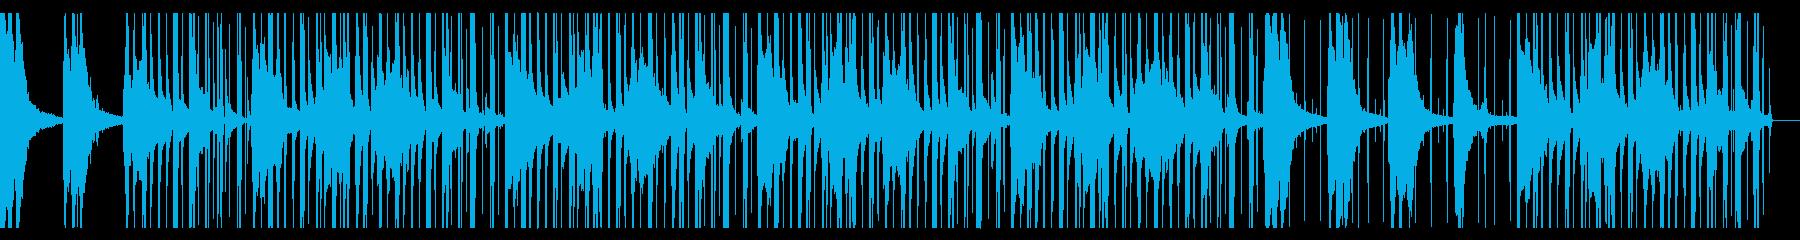 ローファイヒップホップ ウッドベースの再生済みの波形